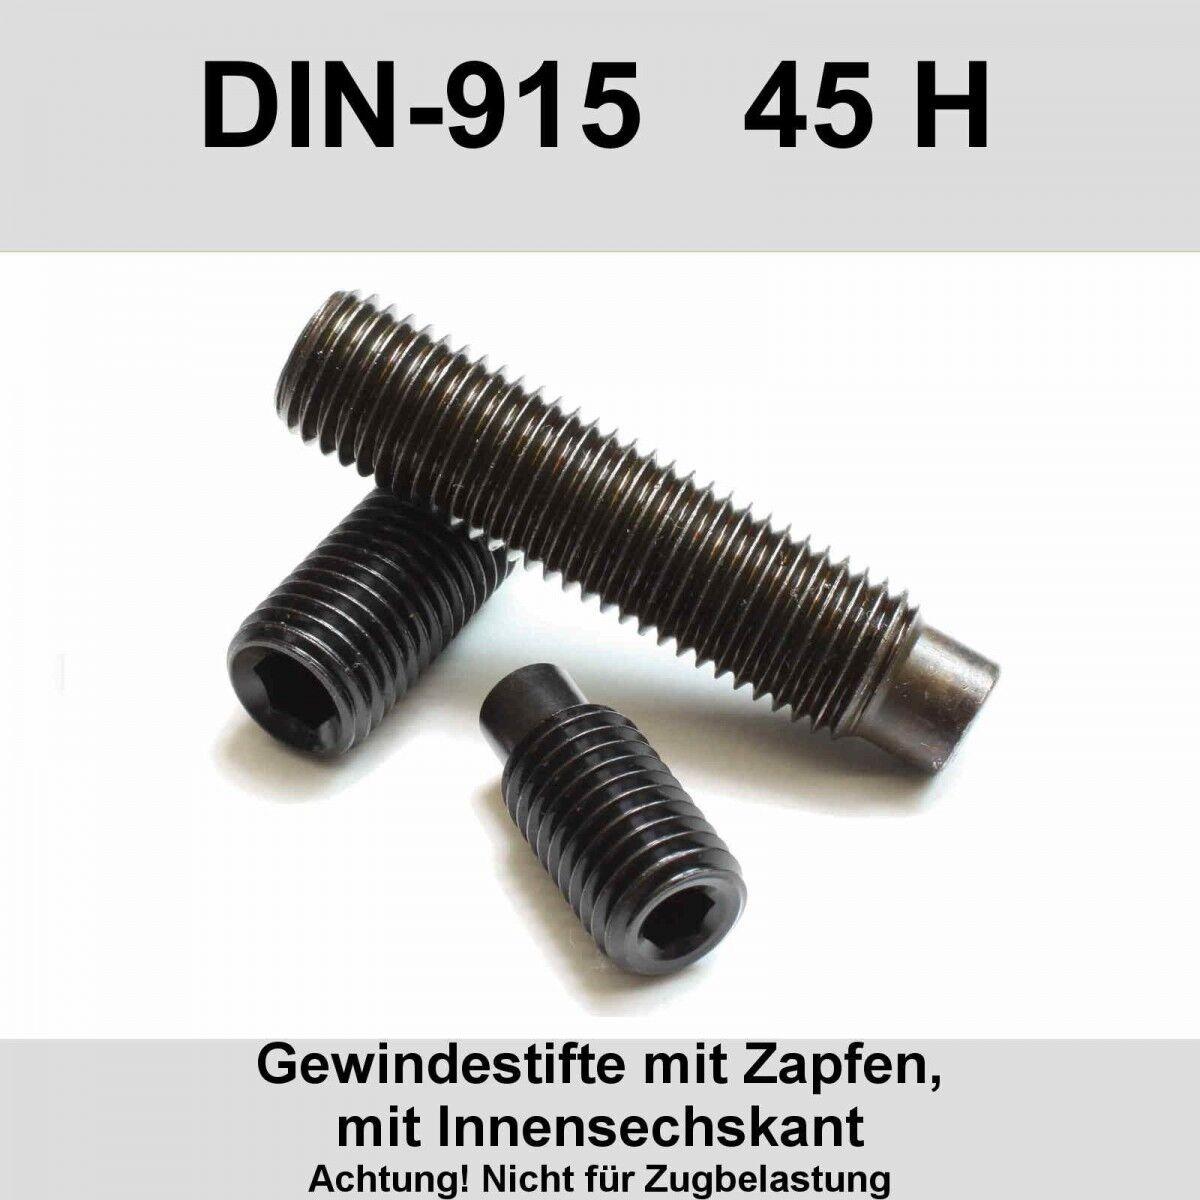 M14 DIN 915 45H Gewindestifte Zapfen Innensechskant Madenschrauben Stahl M14x